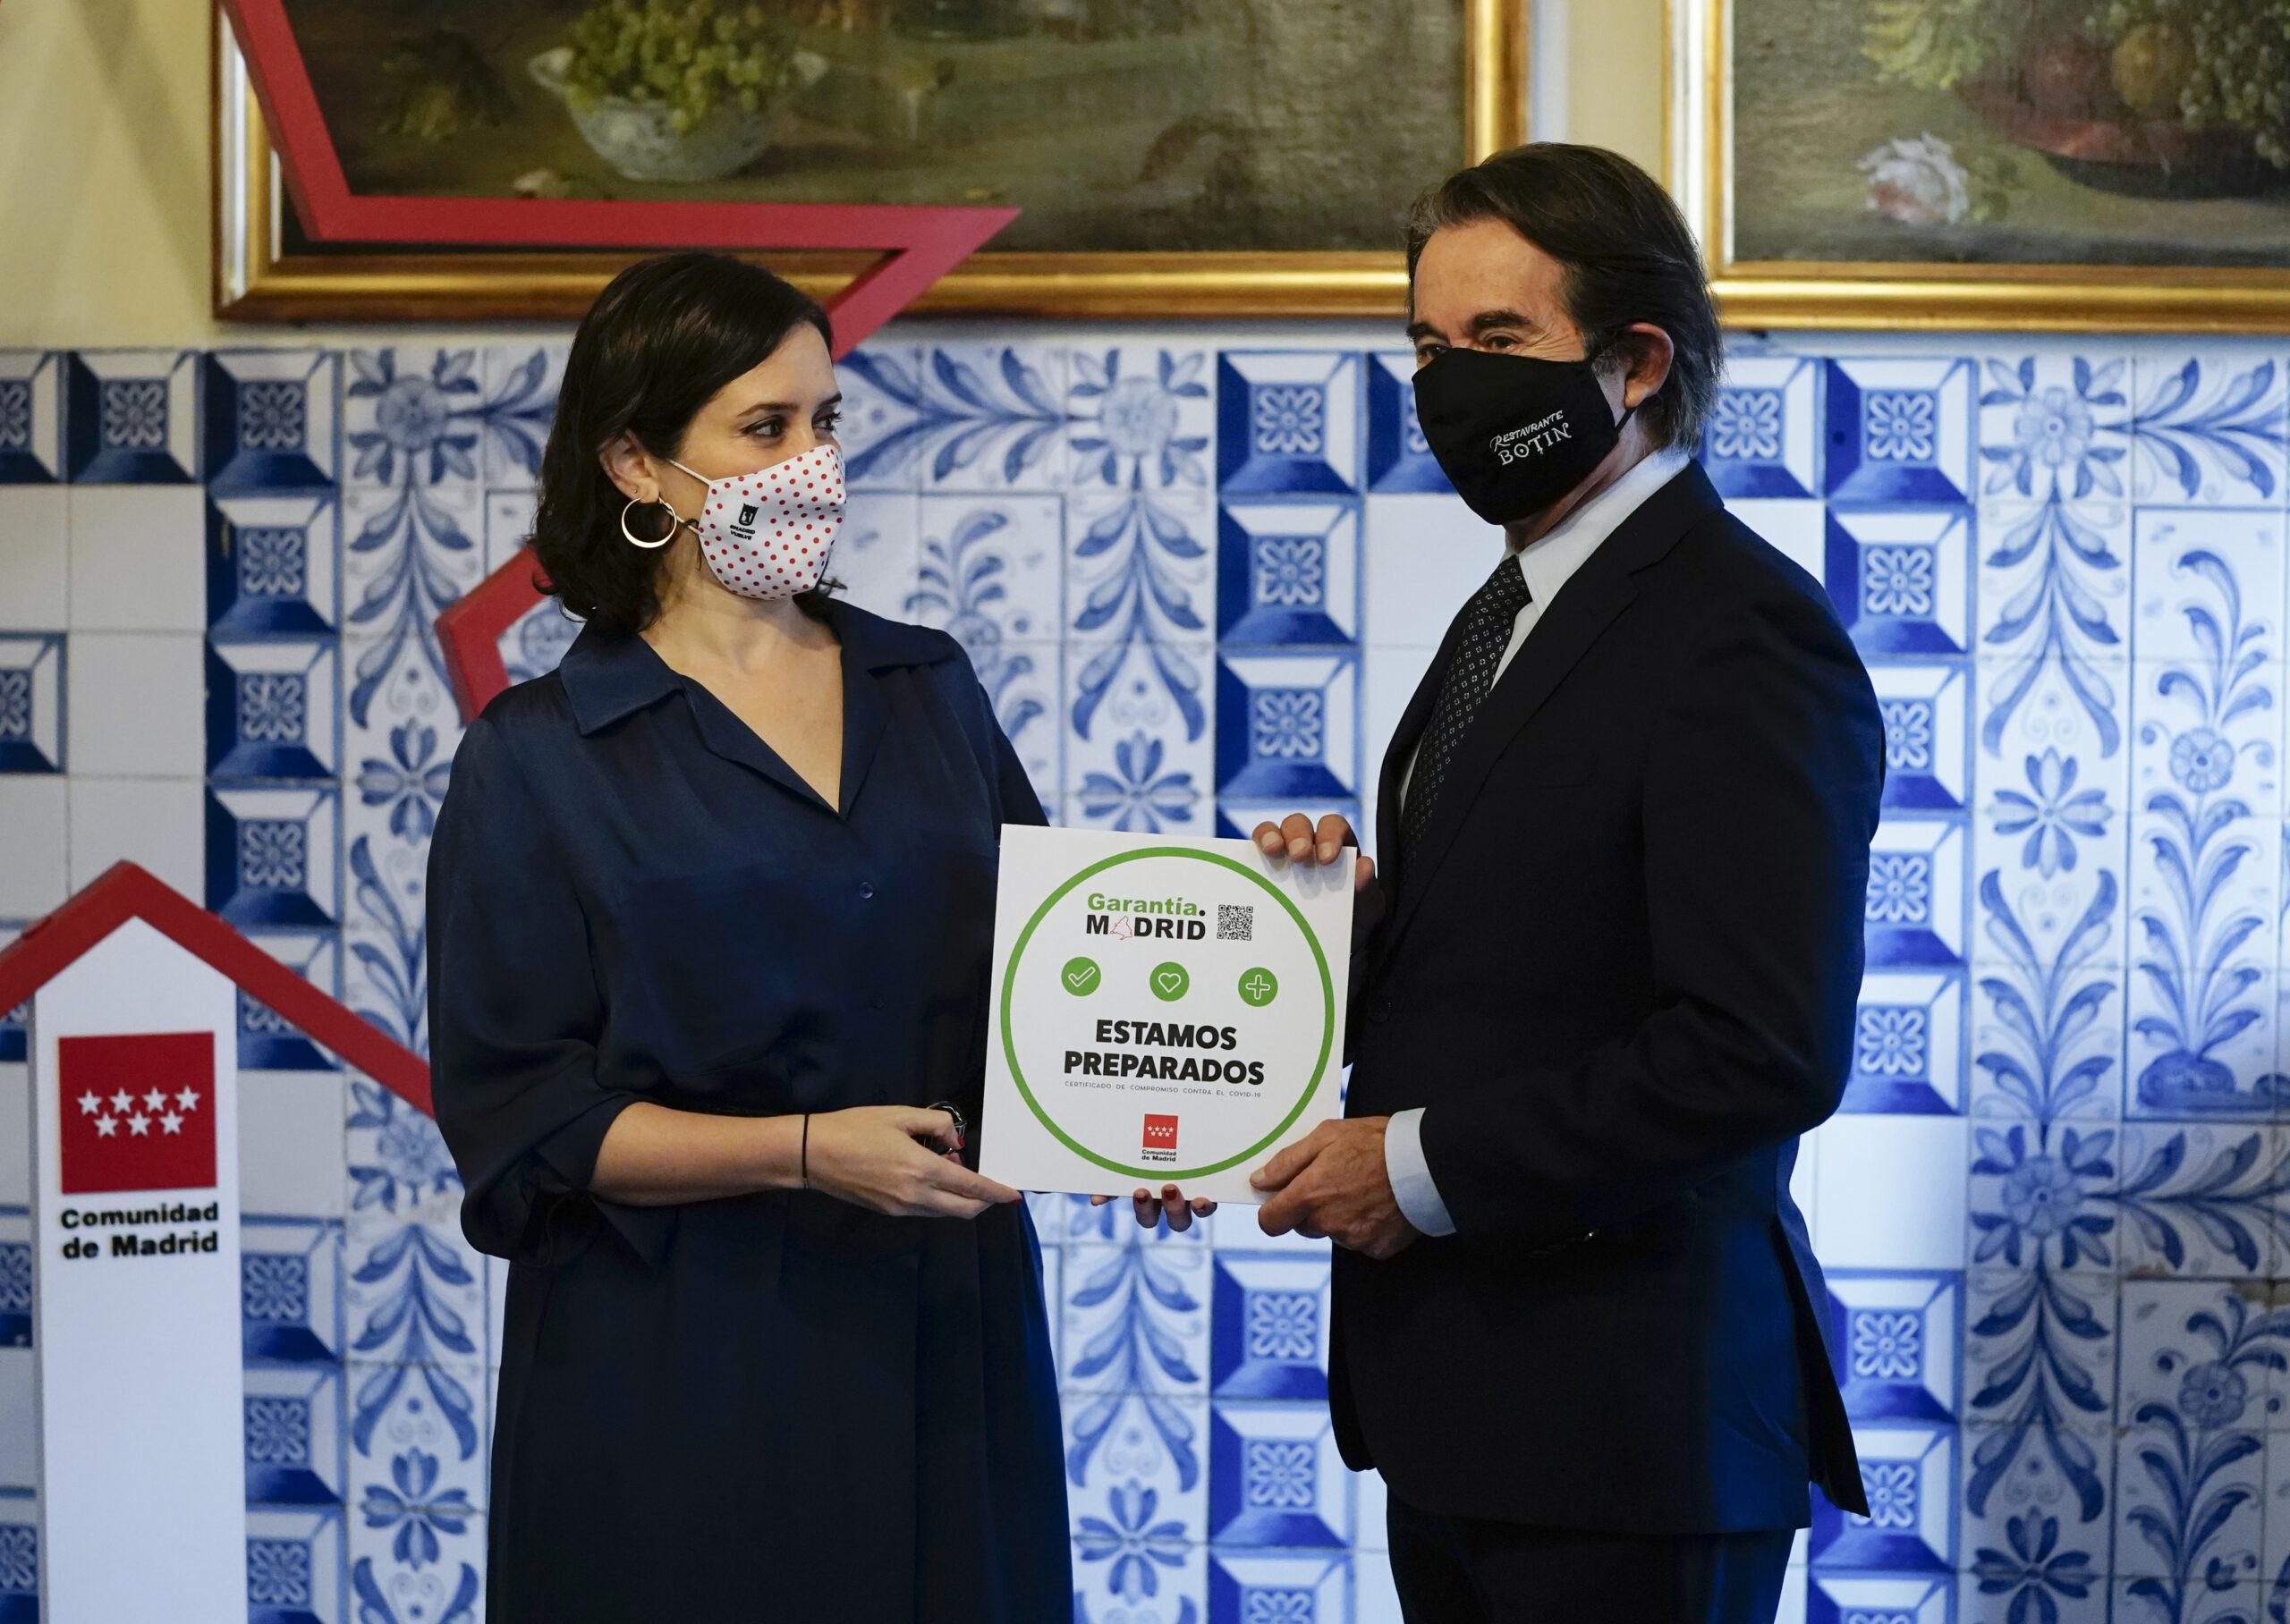 La Comunidad ha reconocido ya a 400 organizaciones en 50 municipios con el sello Garantía Madrid - La Viña